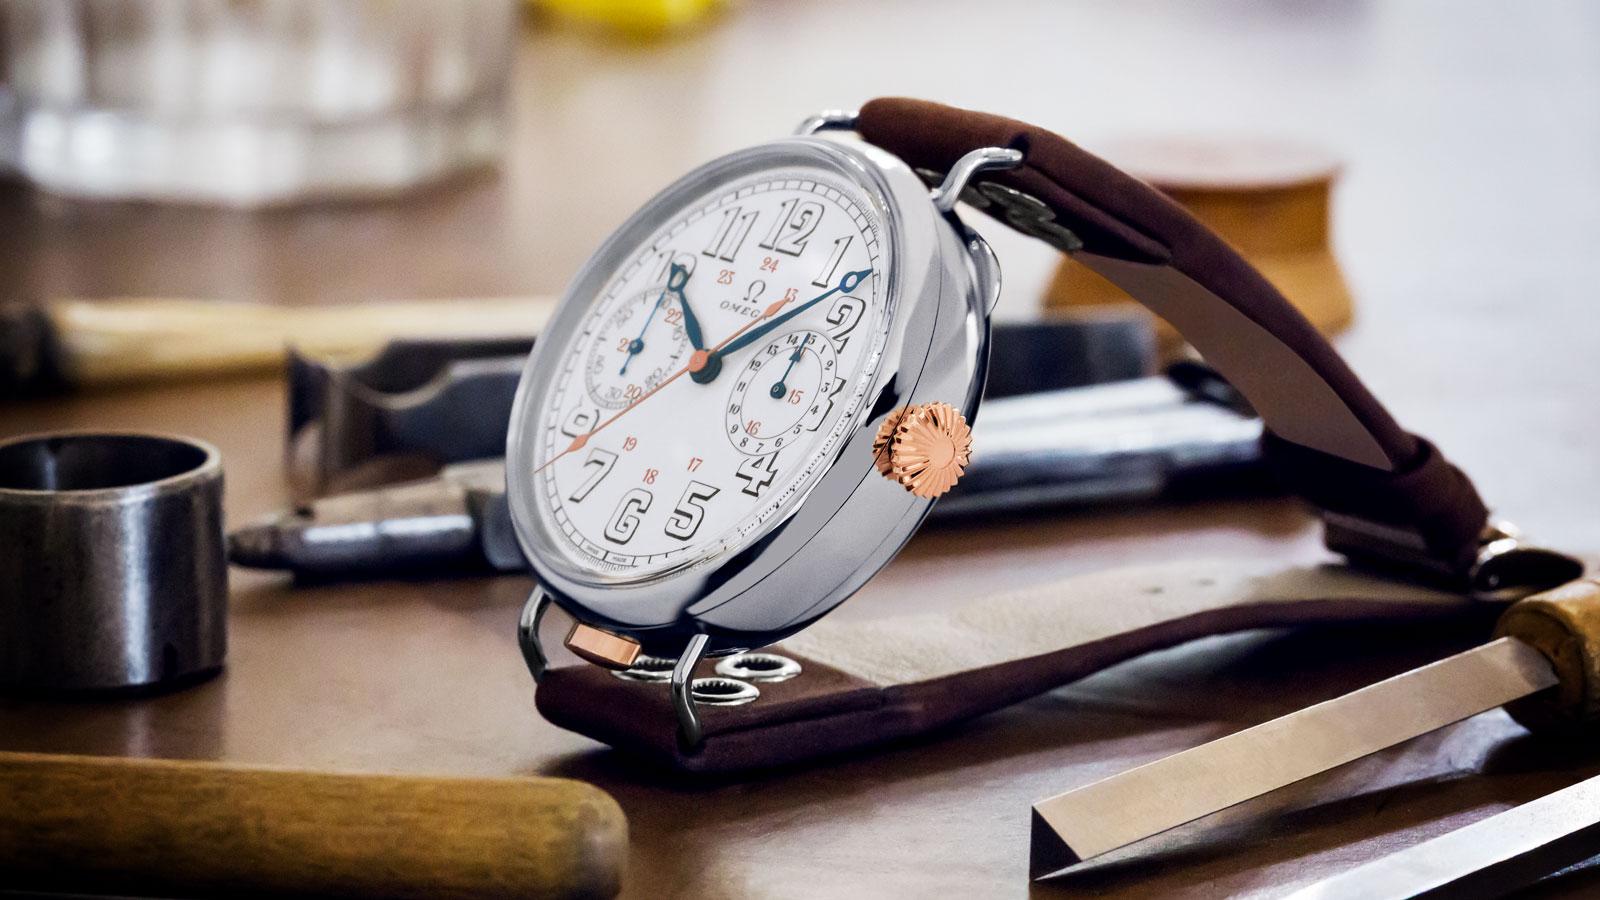 """特别系列 欧米茄""""首枚计时腕表"""" 欧米茄""""首枚计时腕表"""" 腕表 - 516.52.48.30.04.001"""